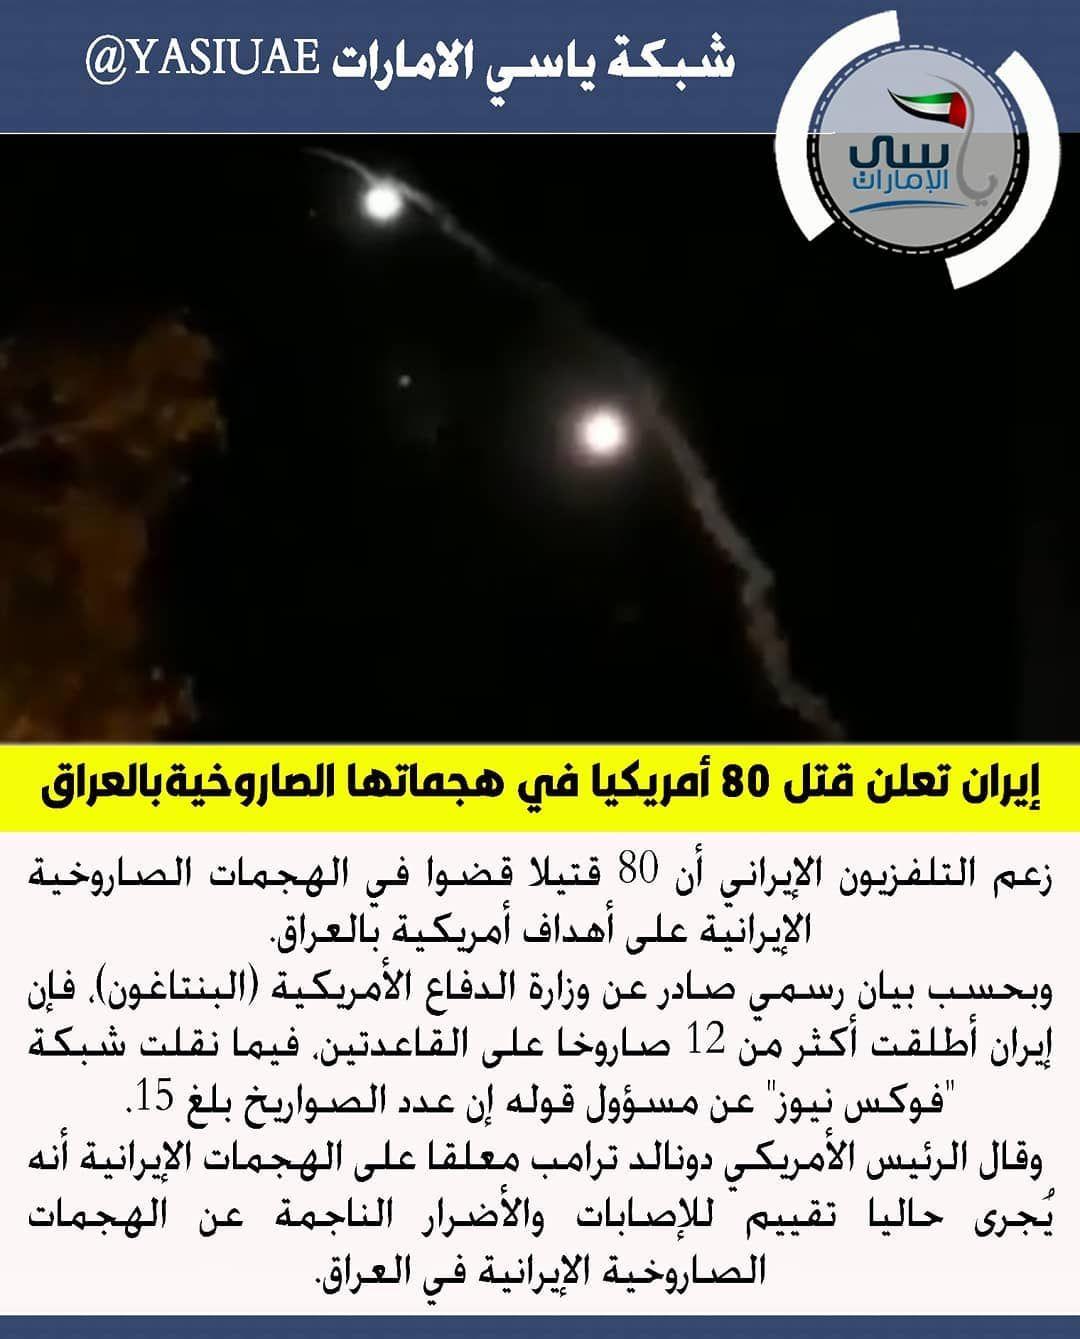 إيران تعلن قتل 80 أمريكيا في هجماتها الصاروخية على أهداف أمريكية بالعراق امريكا أمريكا العراق ايران قاسم سليماني ياسي Jig Pandora Screenshot Liles